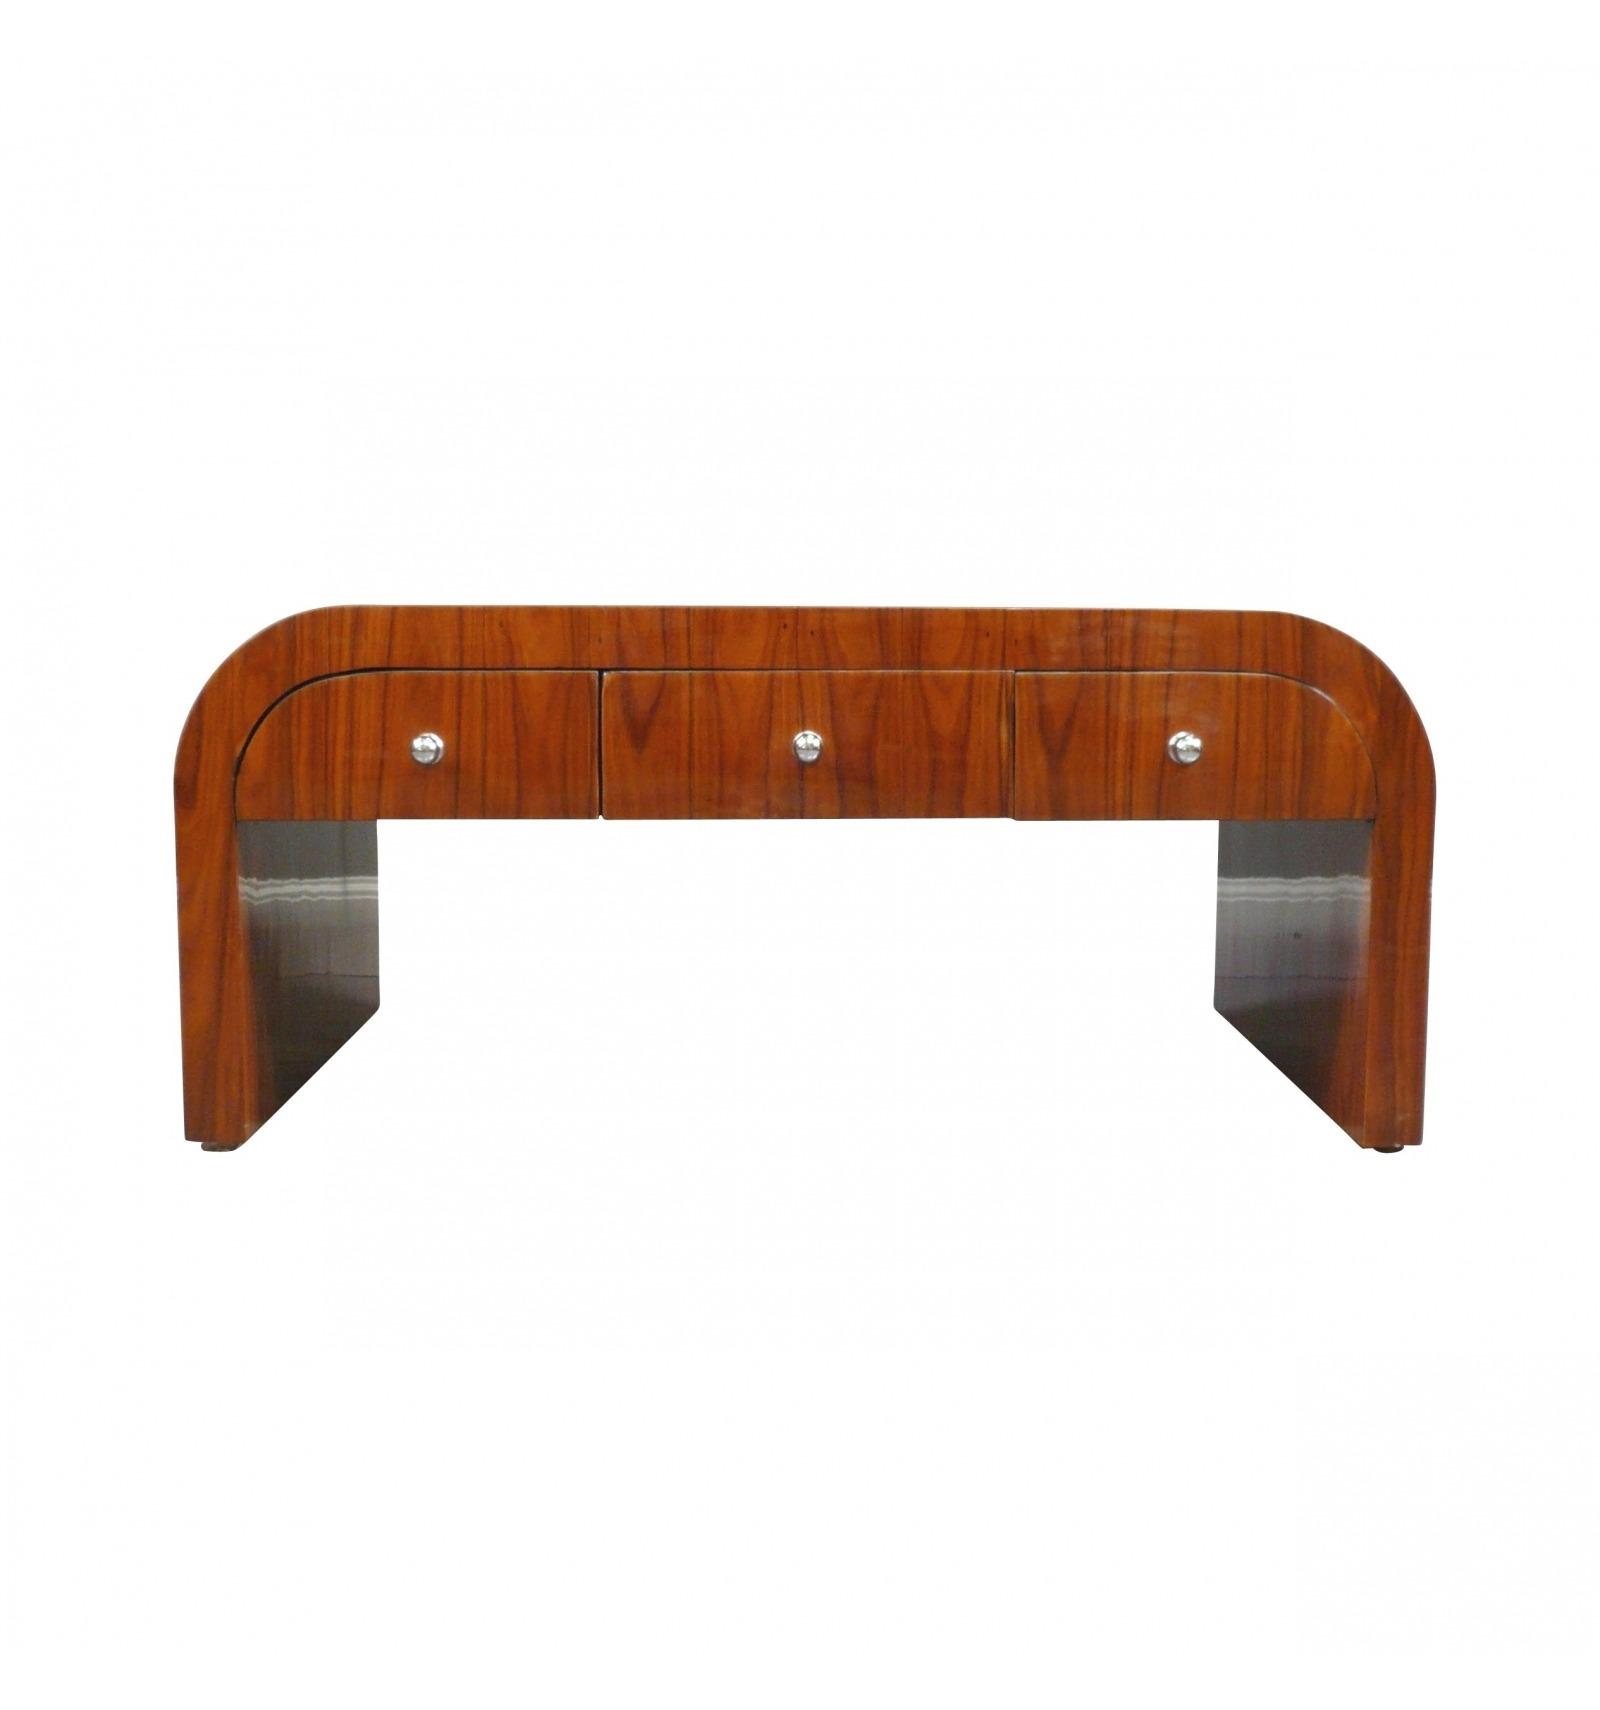 Table basse art d co en palissandre six tiroirs meubles de salon - Table basse art deco occasion ...